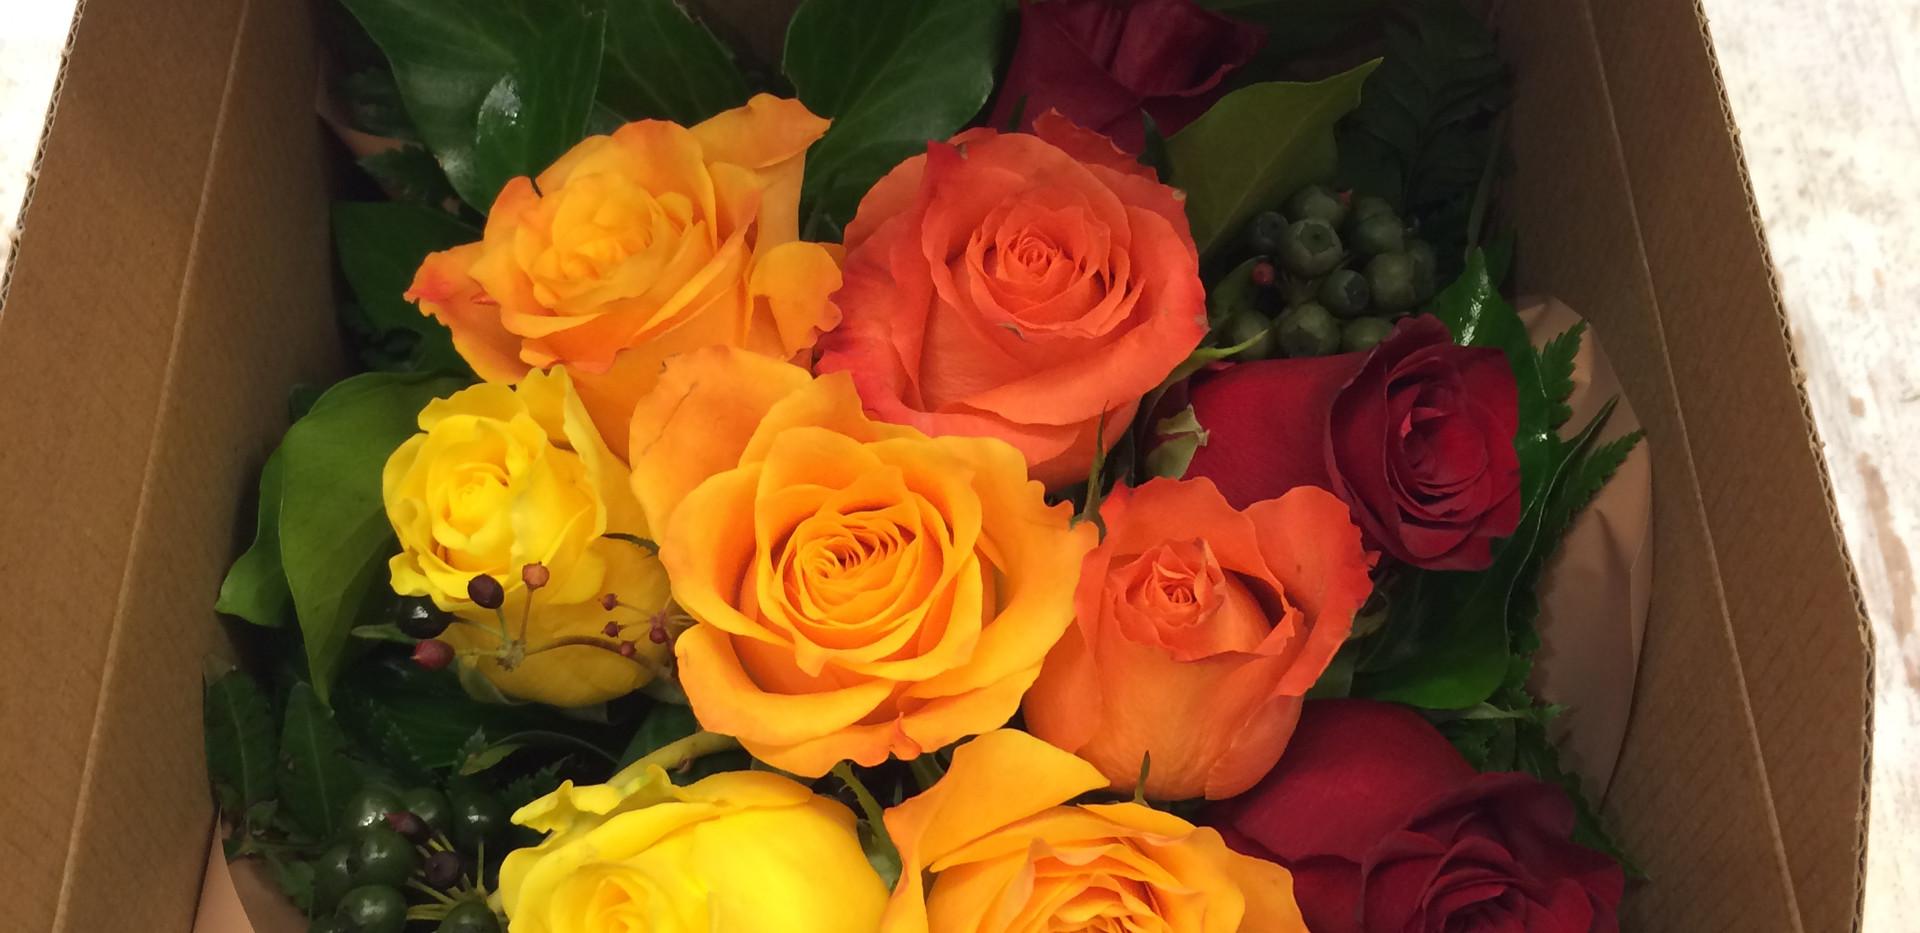 Scatola di fiori freschi